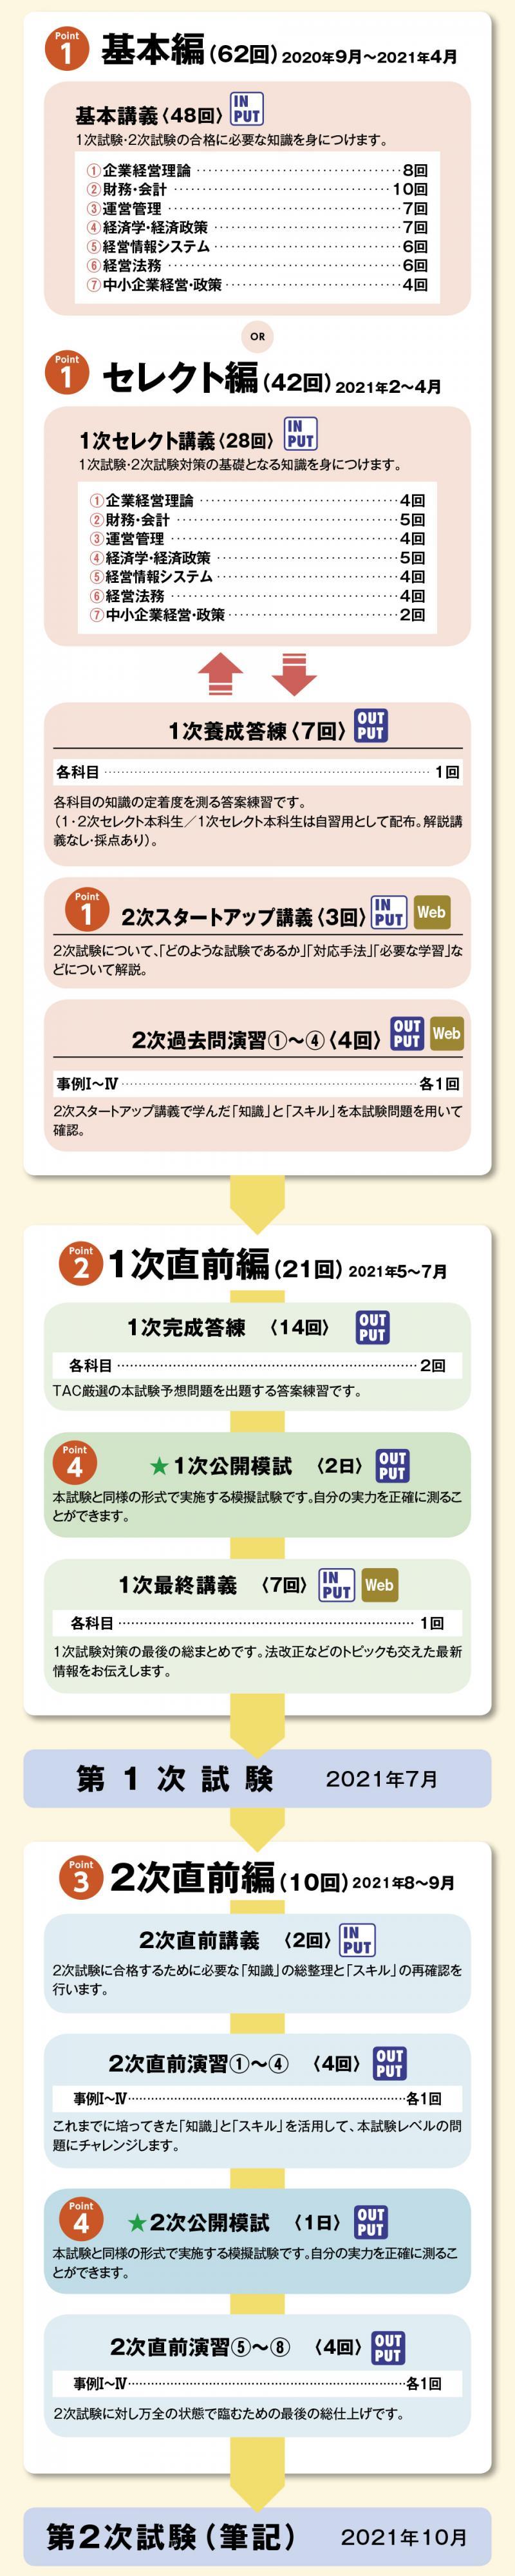 2021_senryaku_cur.jpg